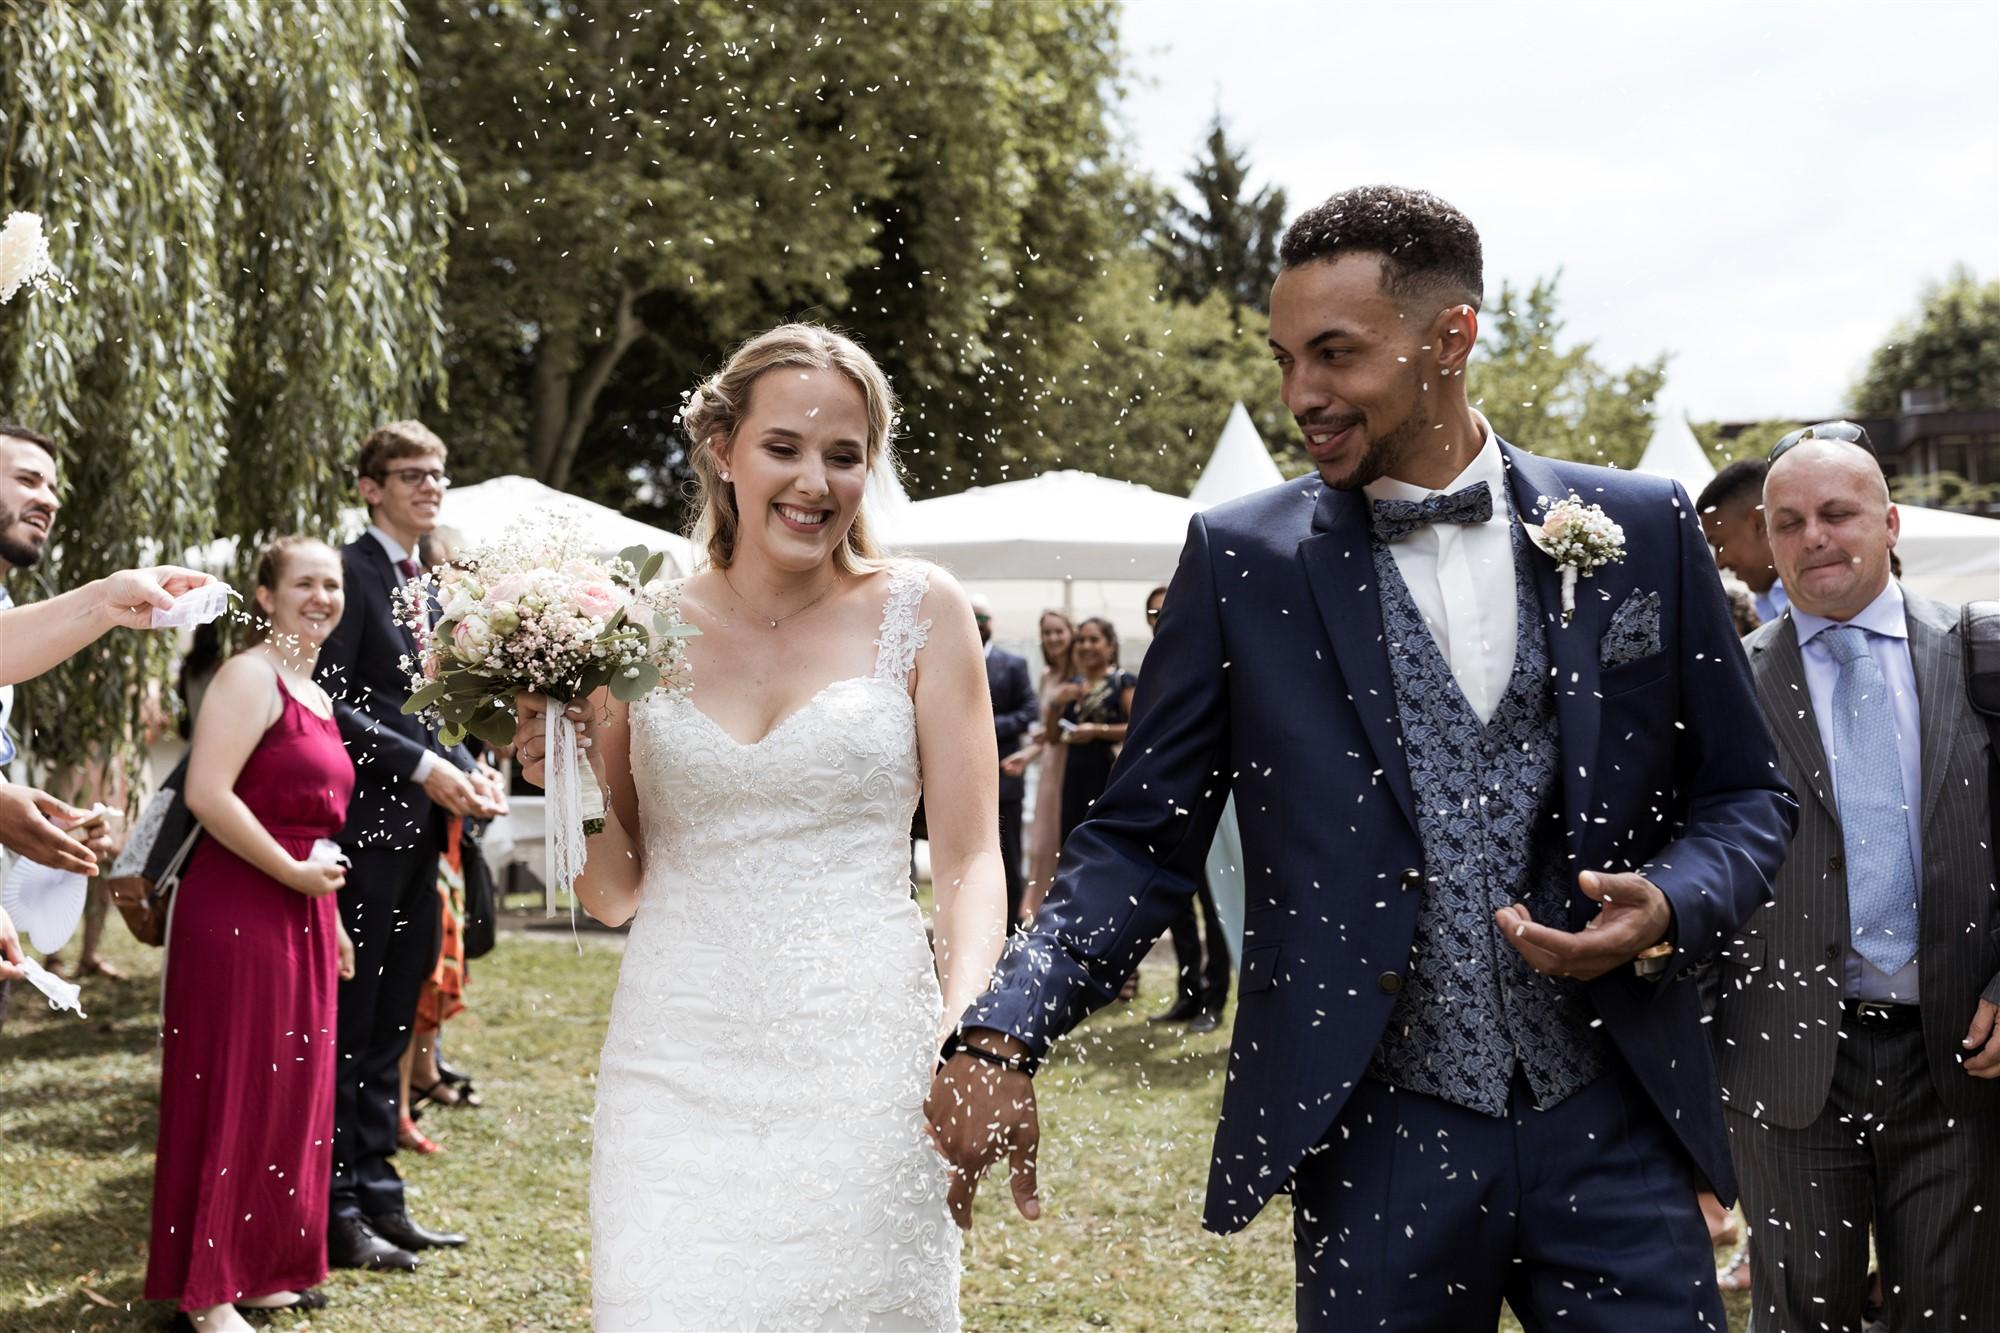 Nathalie und Alpha - Hochzeit im Solbad Pratteln